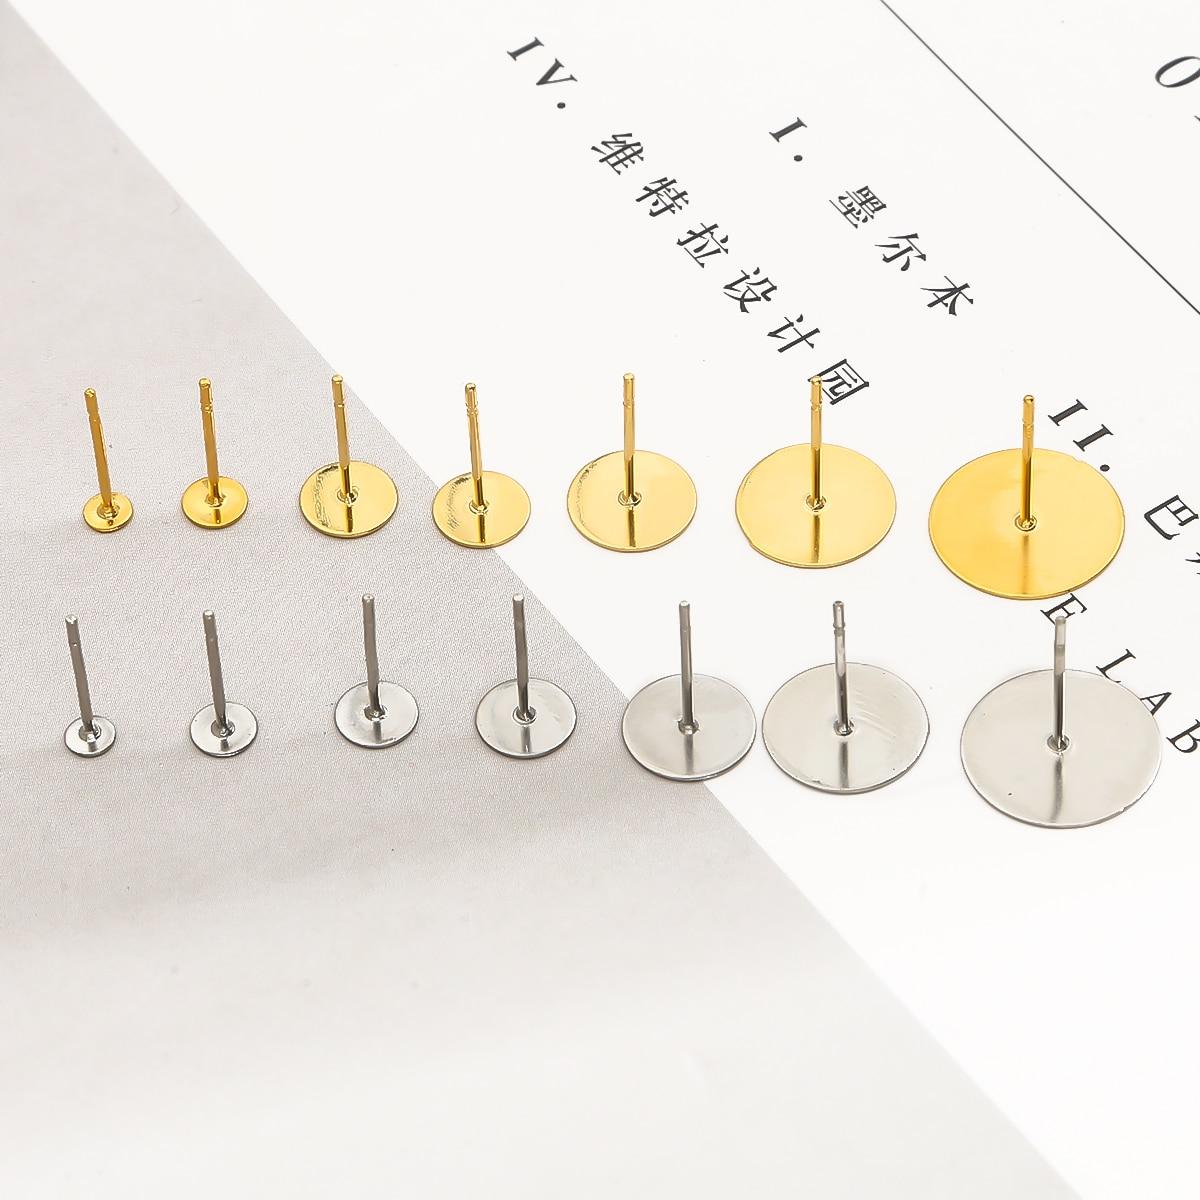 200 pcs//lot Silicone Rubber Earring Backs Stopper Earnuts Stud Earring Plugs DIY